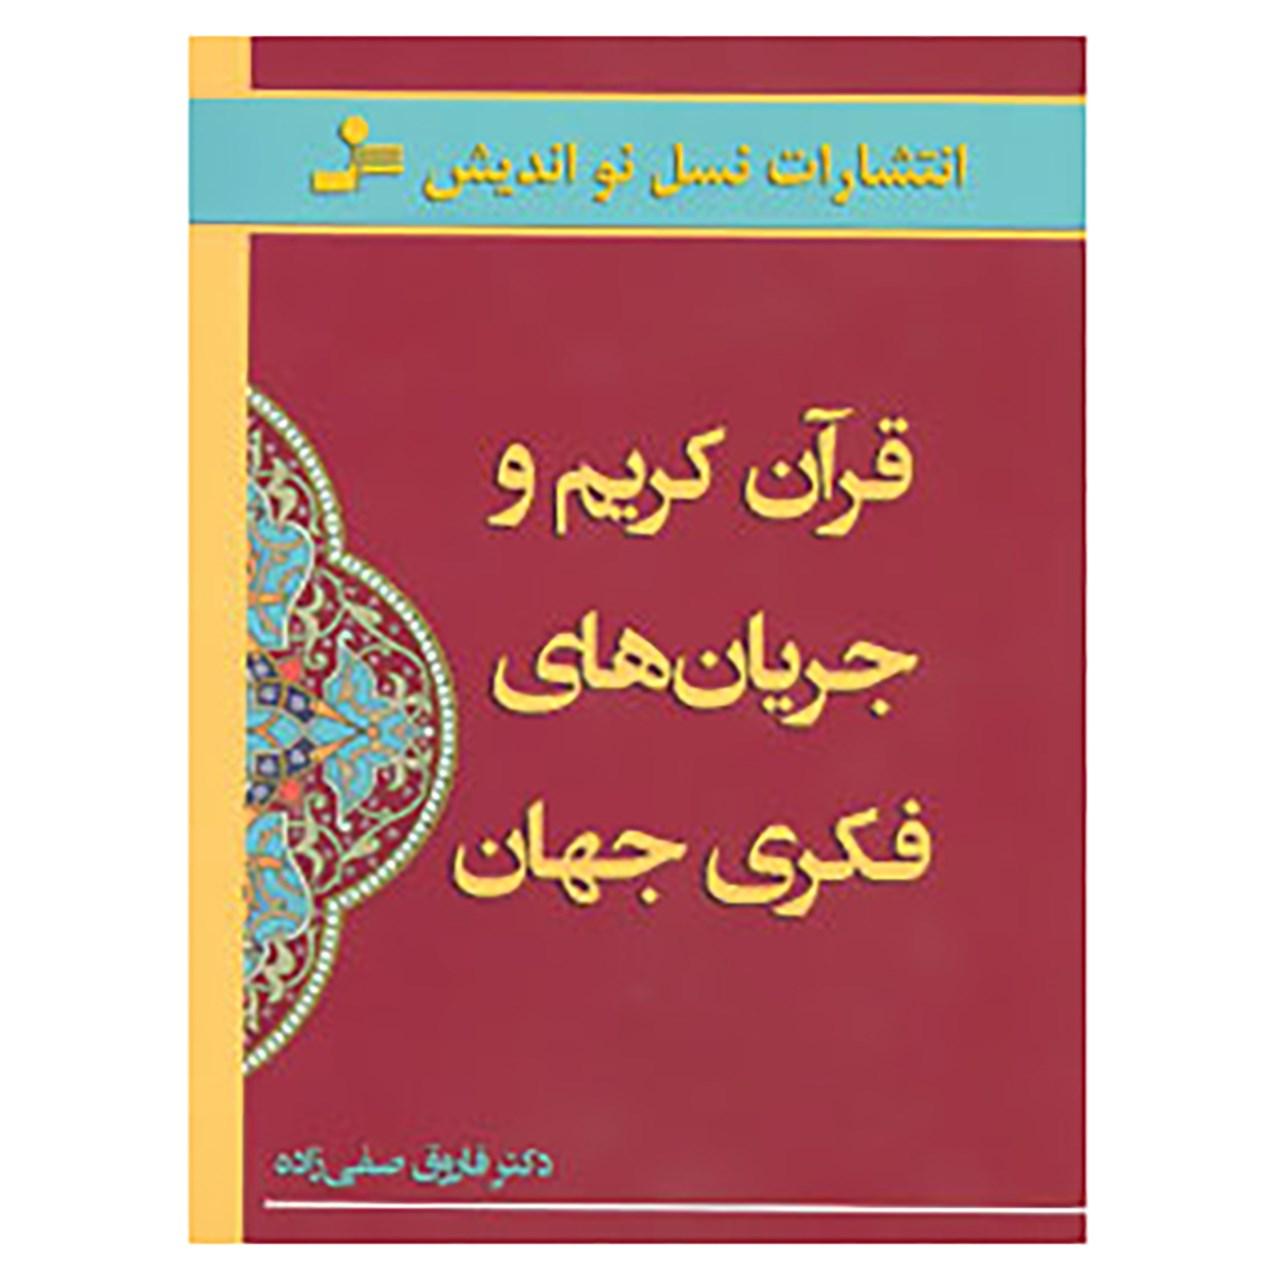 کتاب قرآن کریم و جریان های فکری جهان اثر فاروق صفی زاده